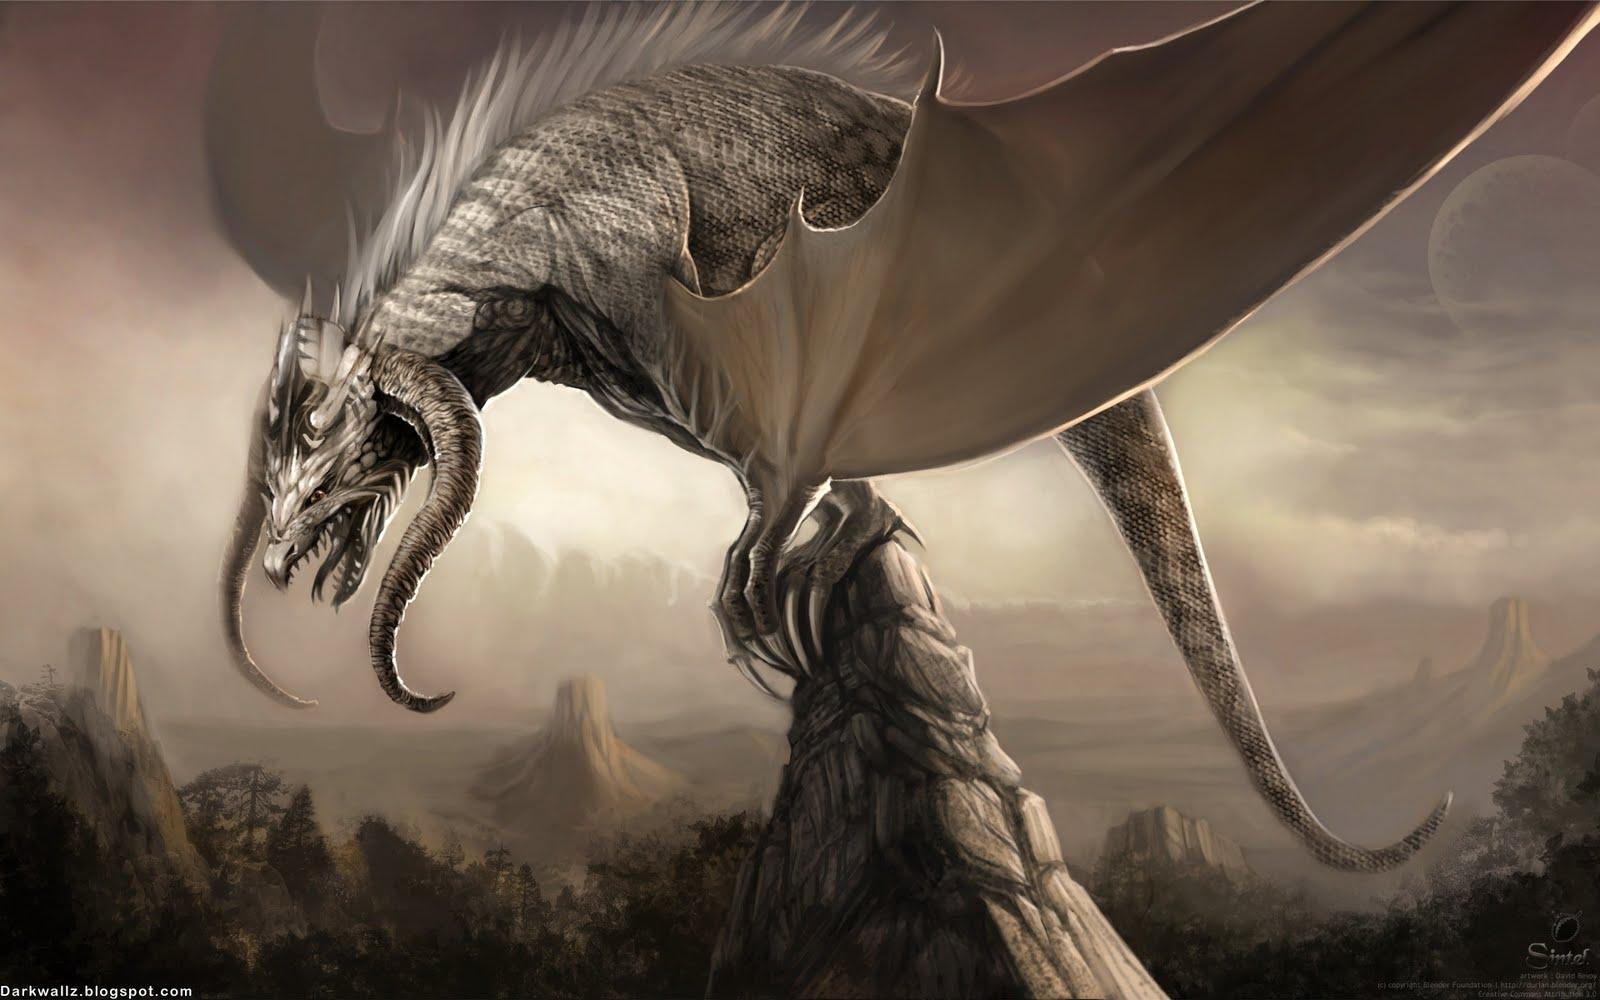 Dark Dragons Wallpapers 71| Dark Wallpaper Download